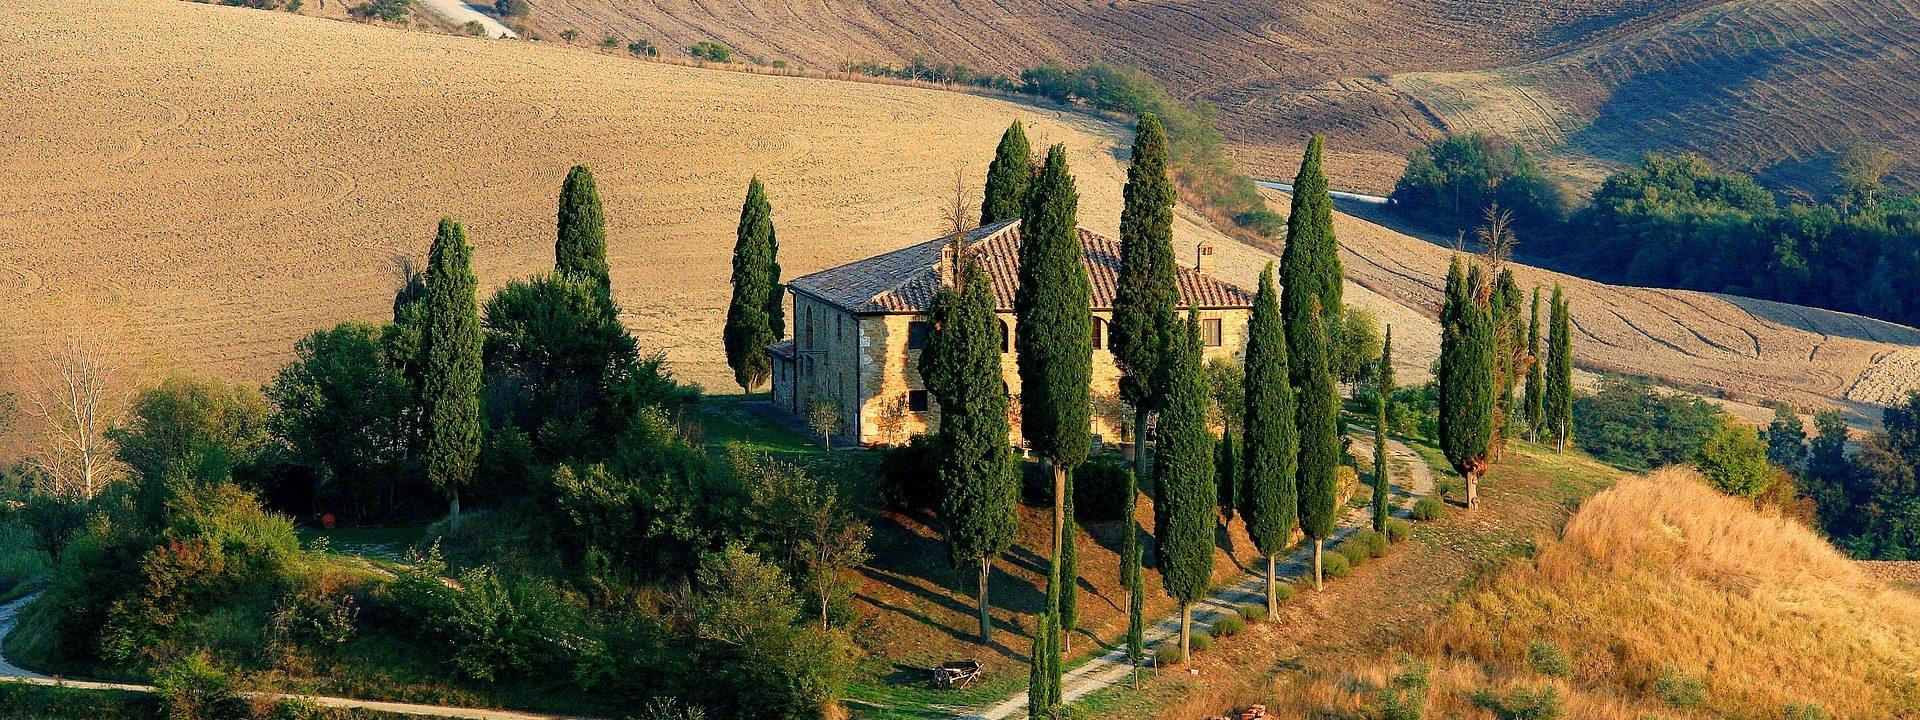 Вдохновляющие пейзажи Тосканы